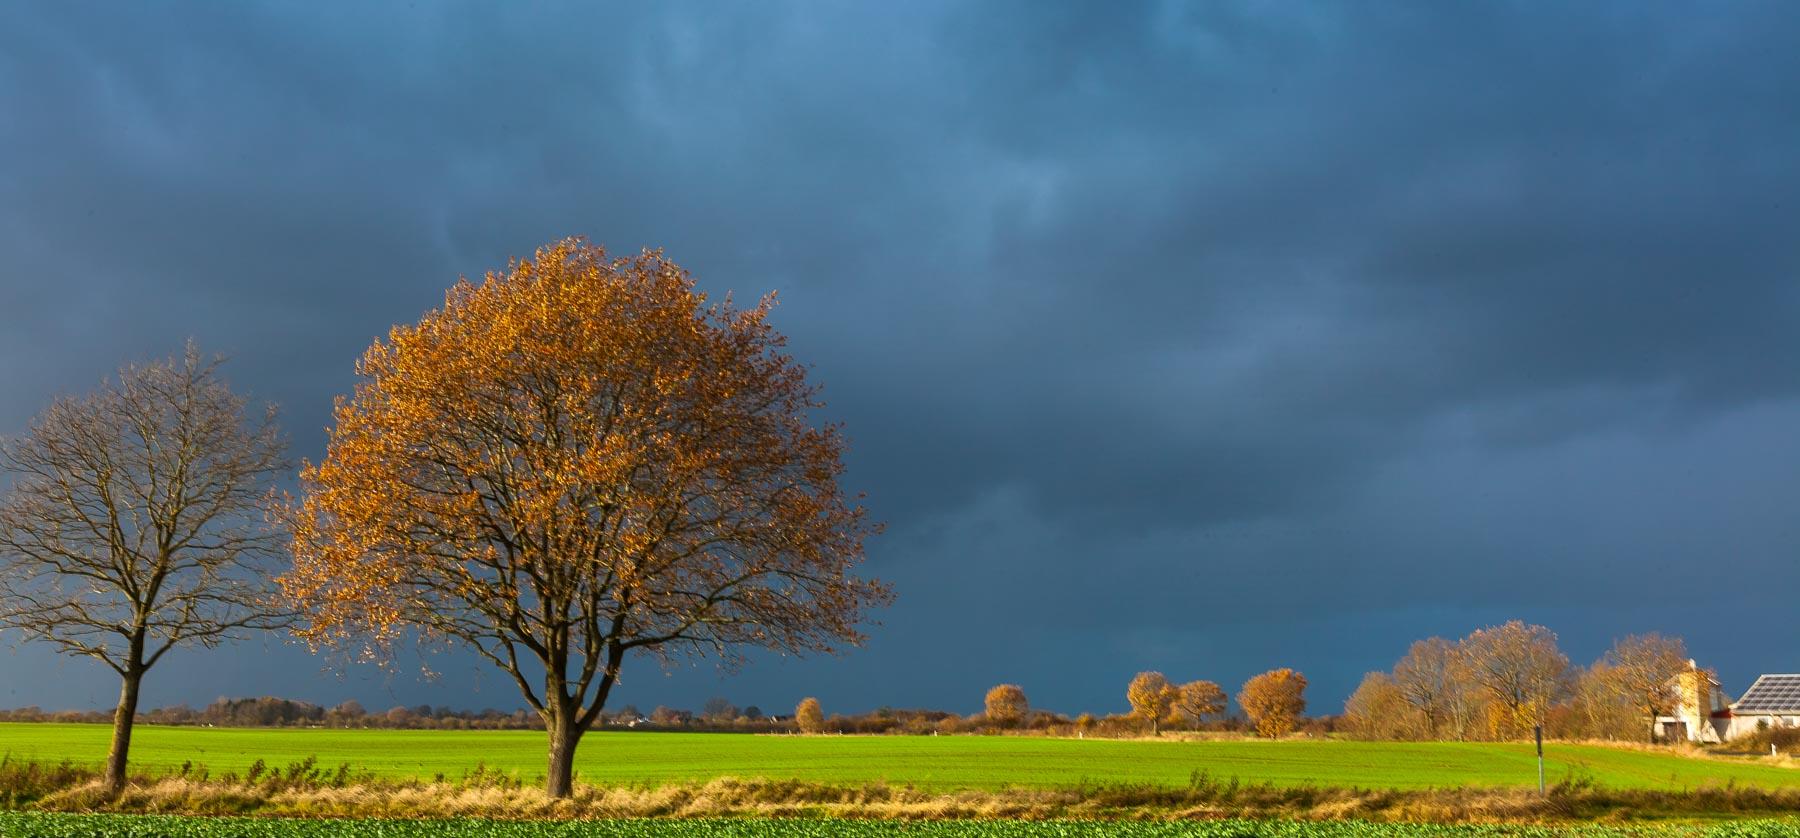 Abschied vom Herbst – Sturm zieht übers Land